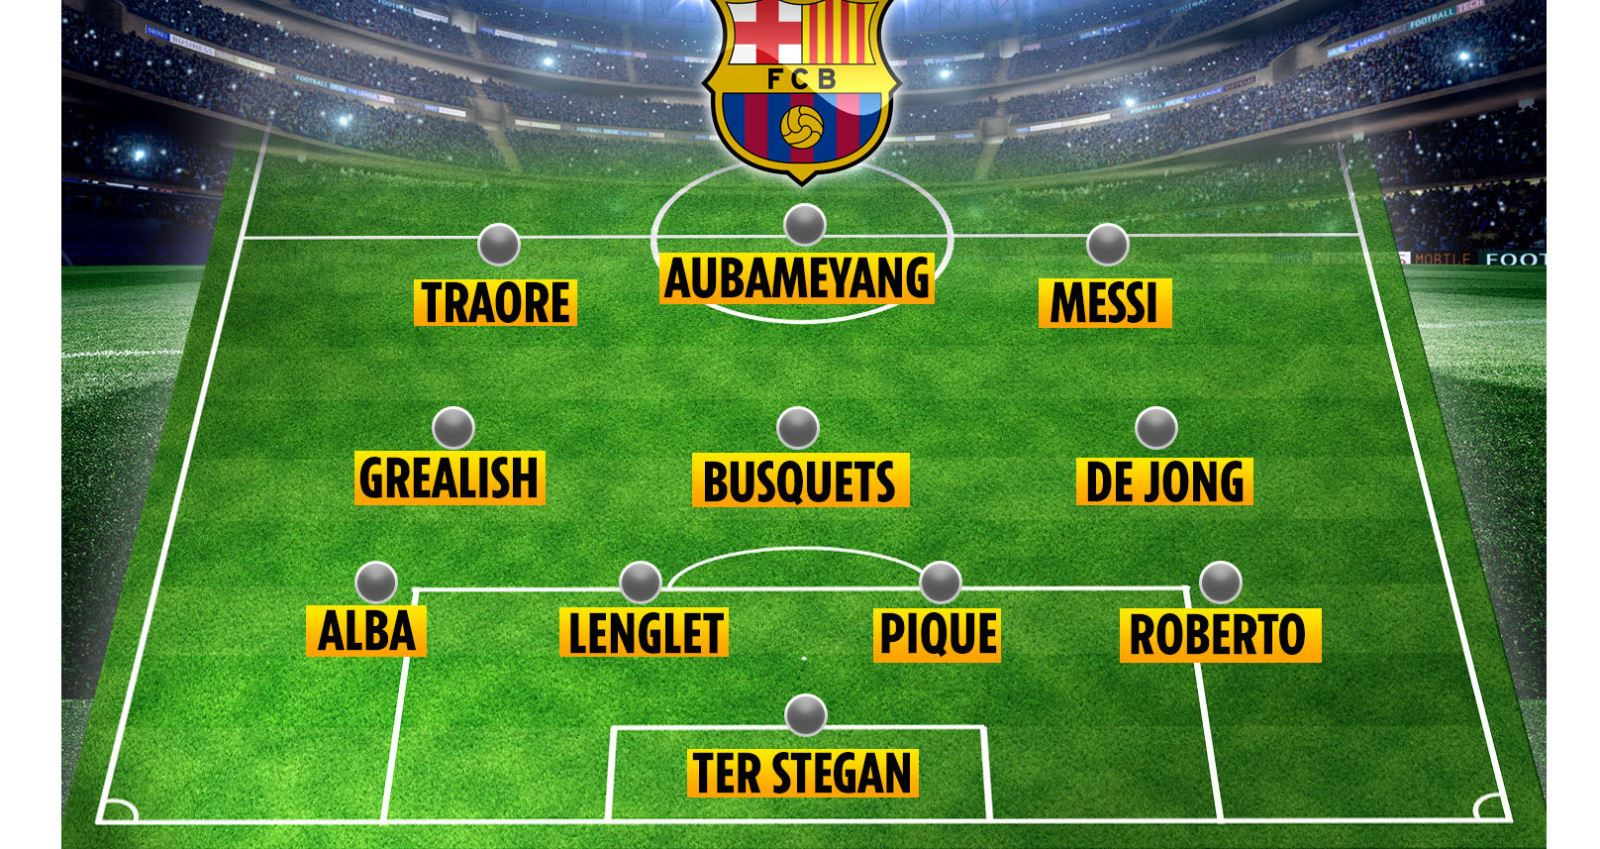 Barcelona, Barca, Adama Traore, lịch thi đấu, Wolves, trực tiếp bóng đá, ngoại hạng anh, premier league, la liga, trực tiếp, xem trực tiếp bóng đá